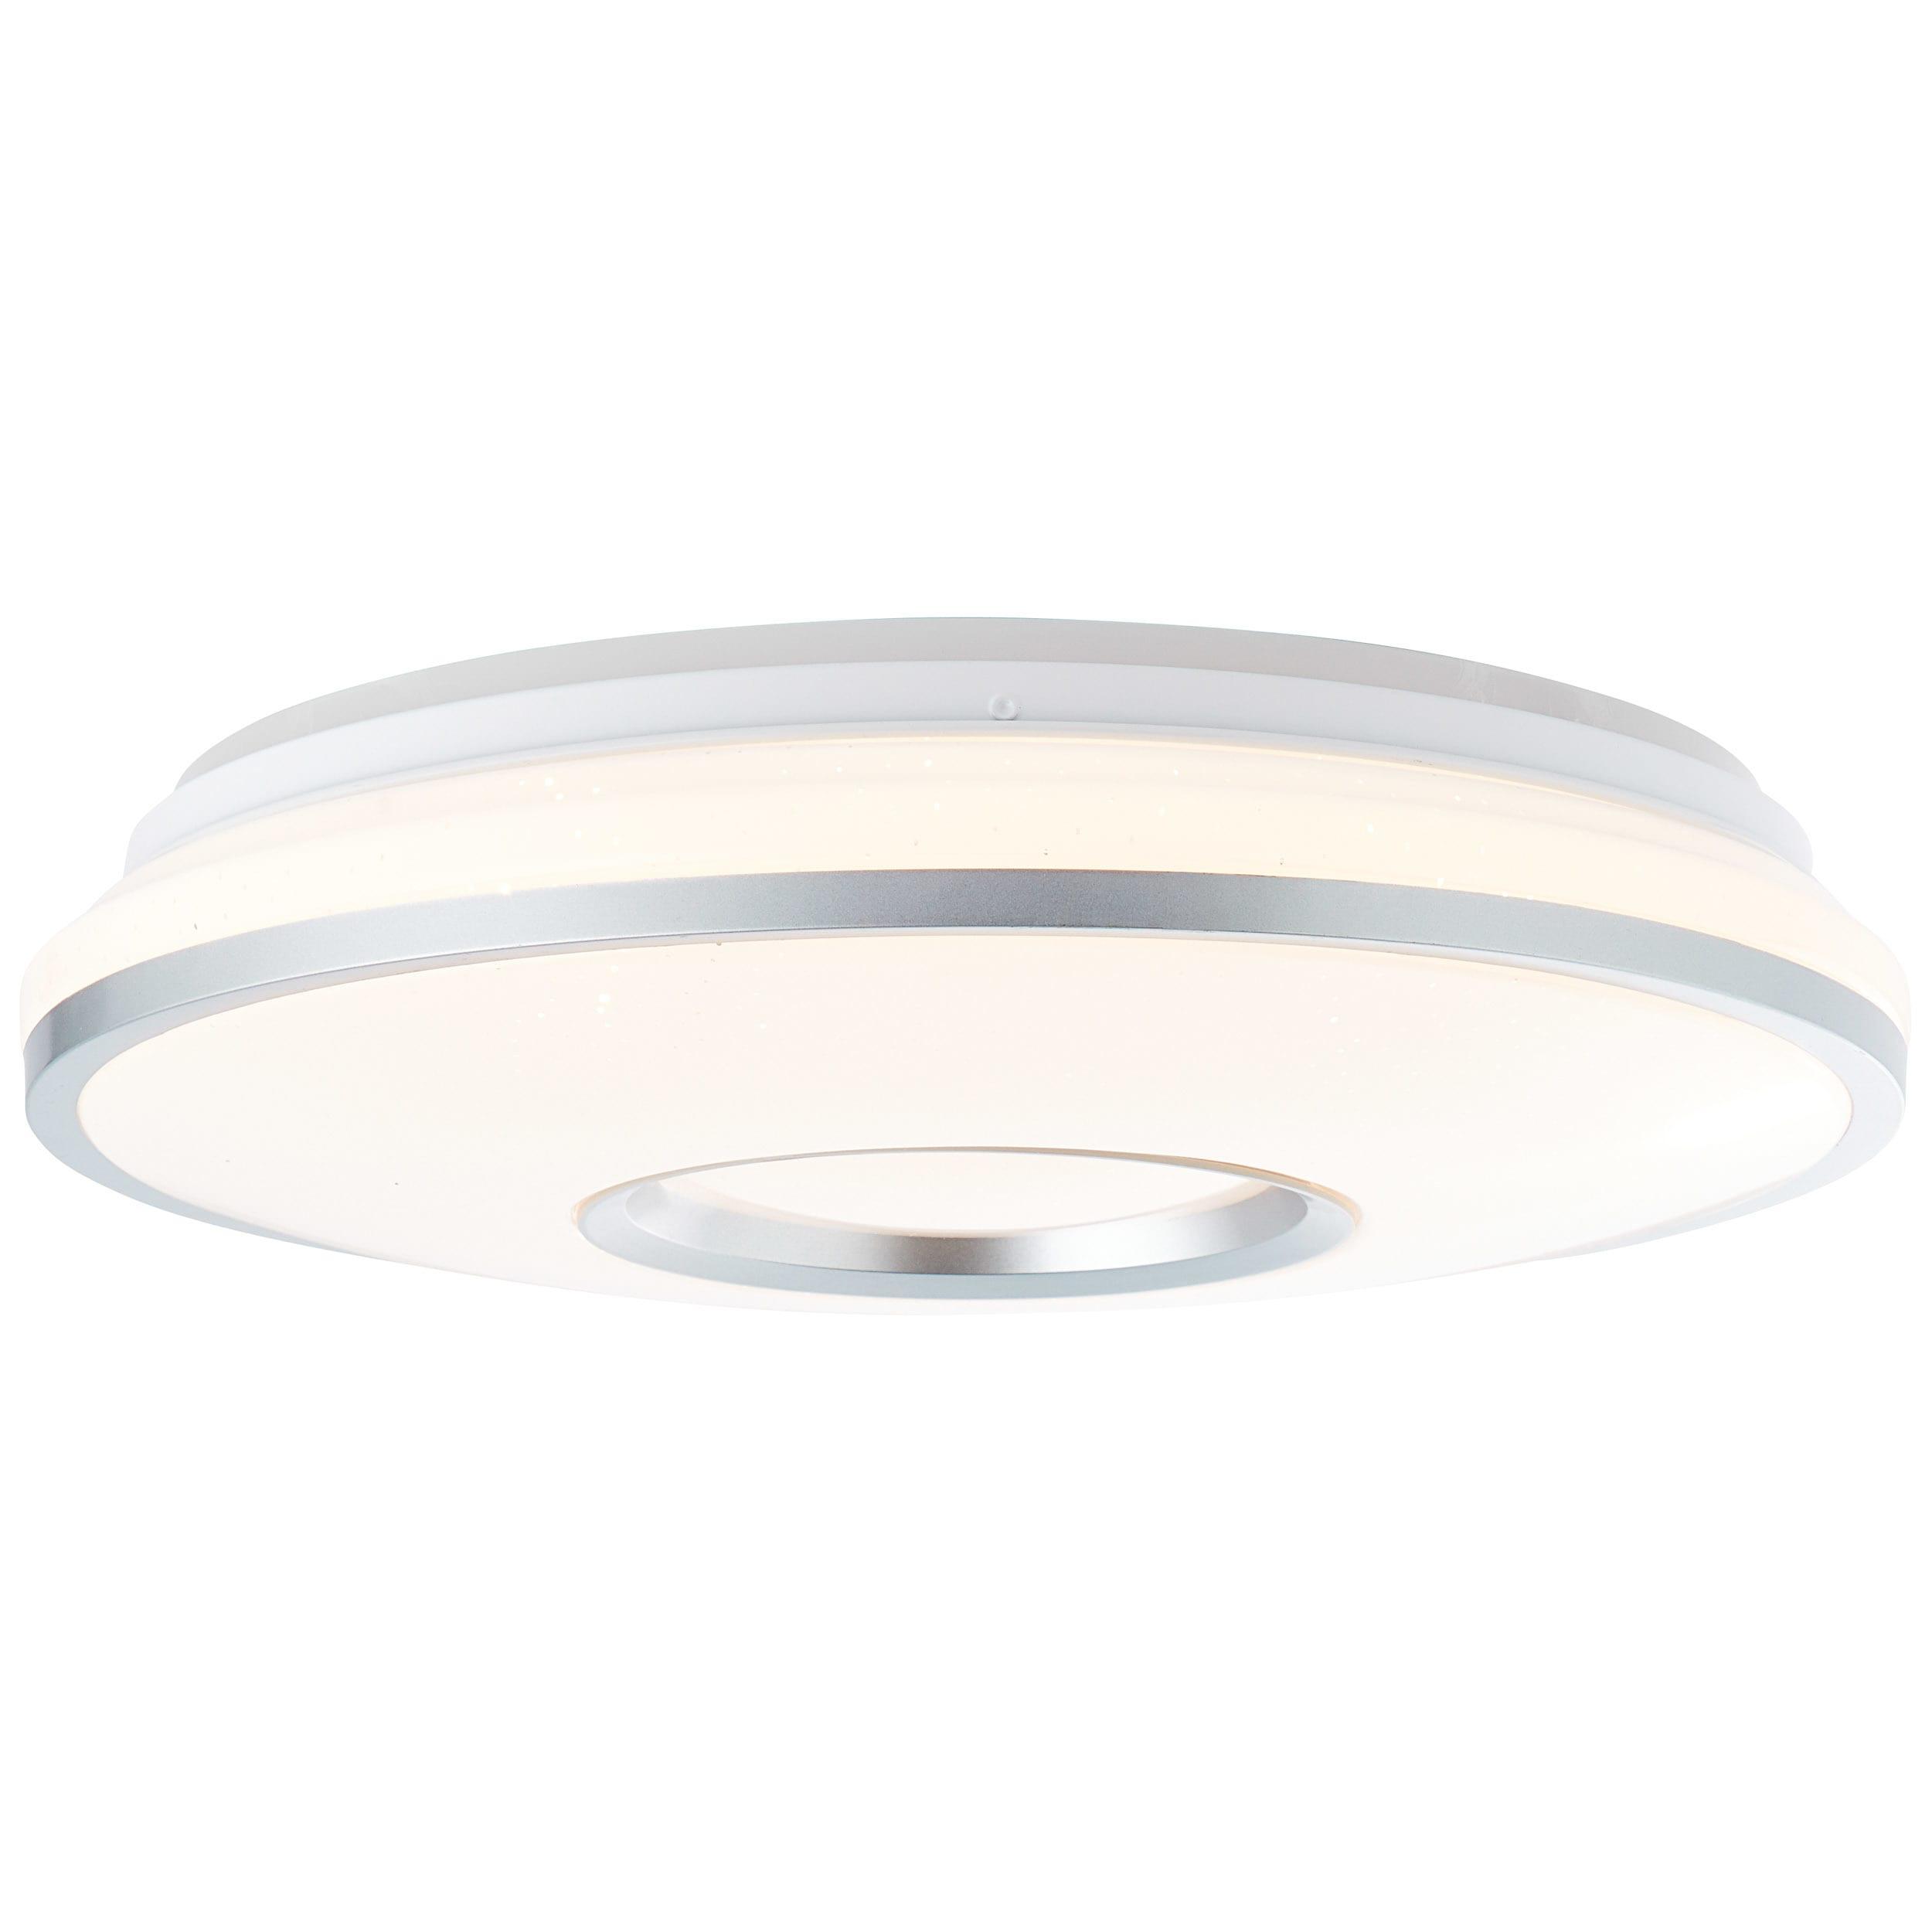 Brilliant Leuchten Visitation LED Deckenleuchte 39cm weiß-silber